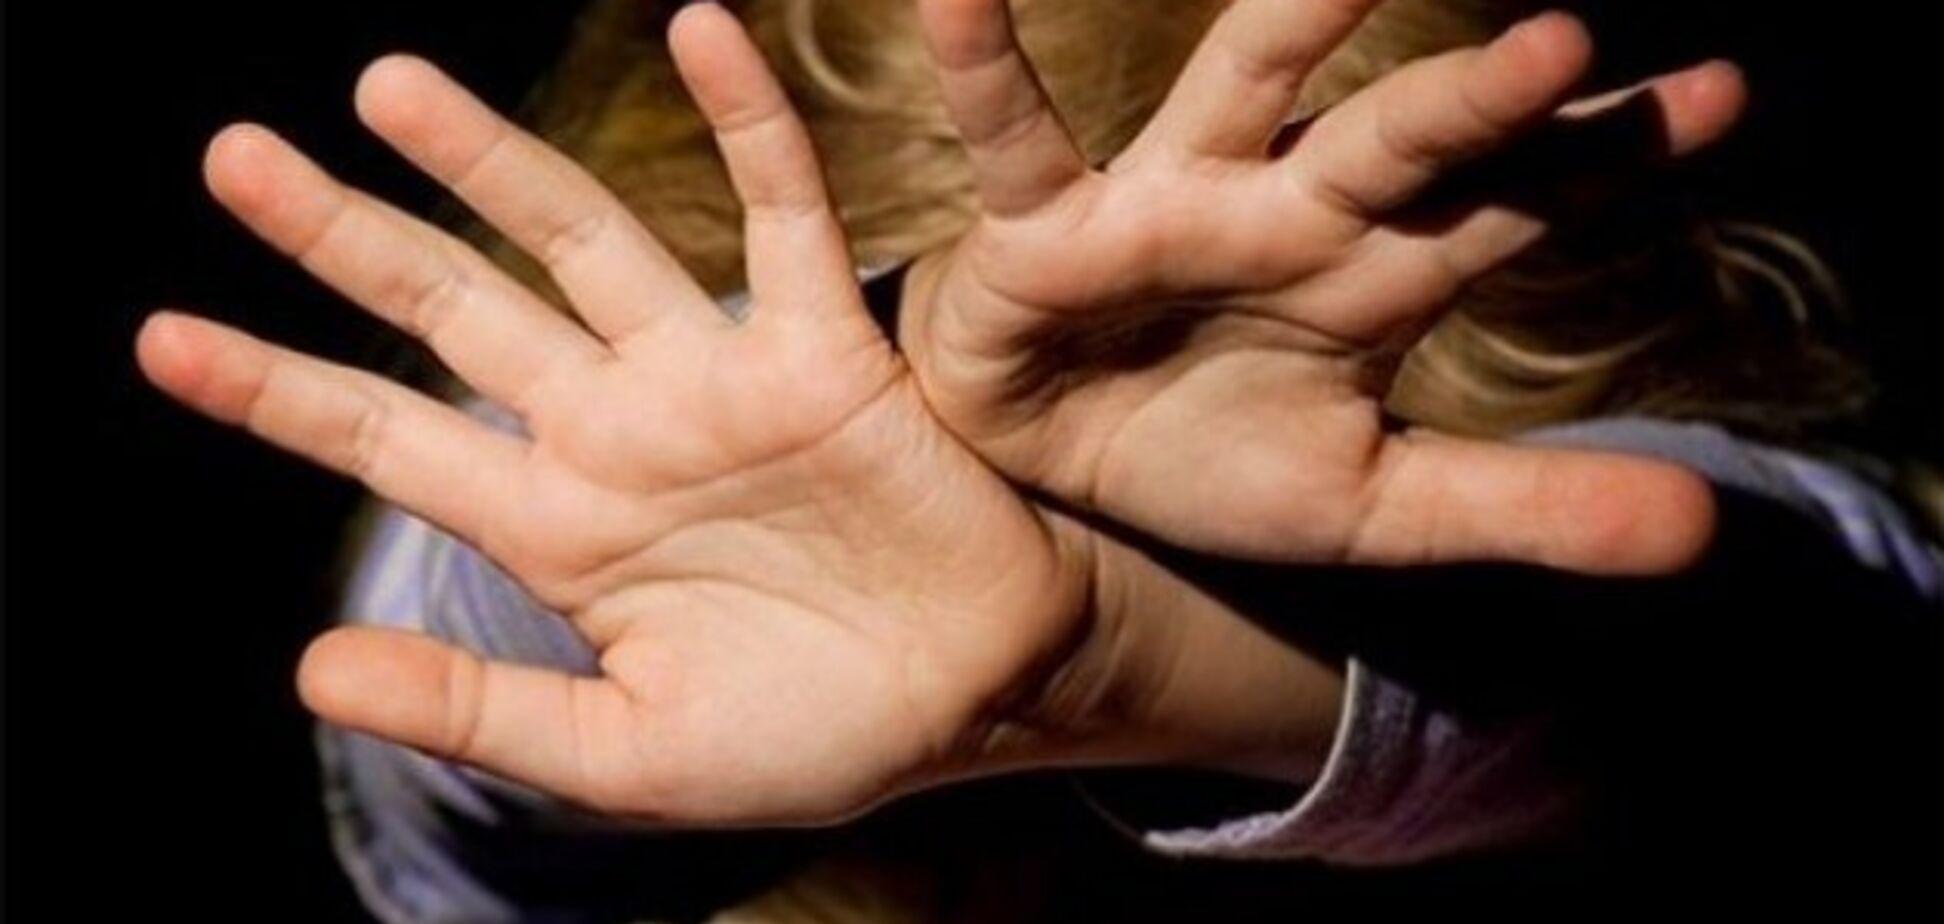 'Купался' с ребенком: в Киеве педофил полгода жестоко издевался над 6-летним мальчиком